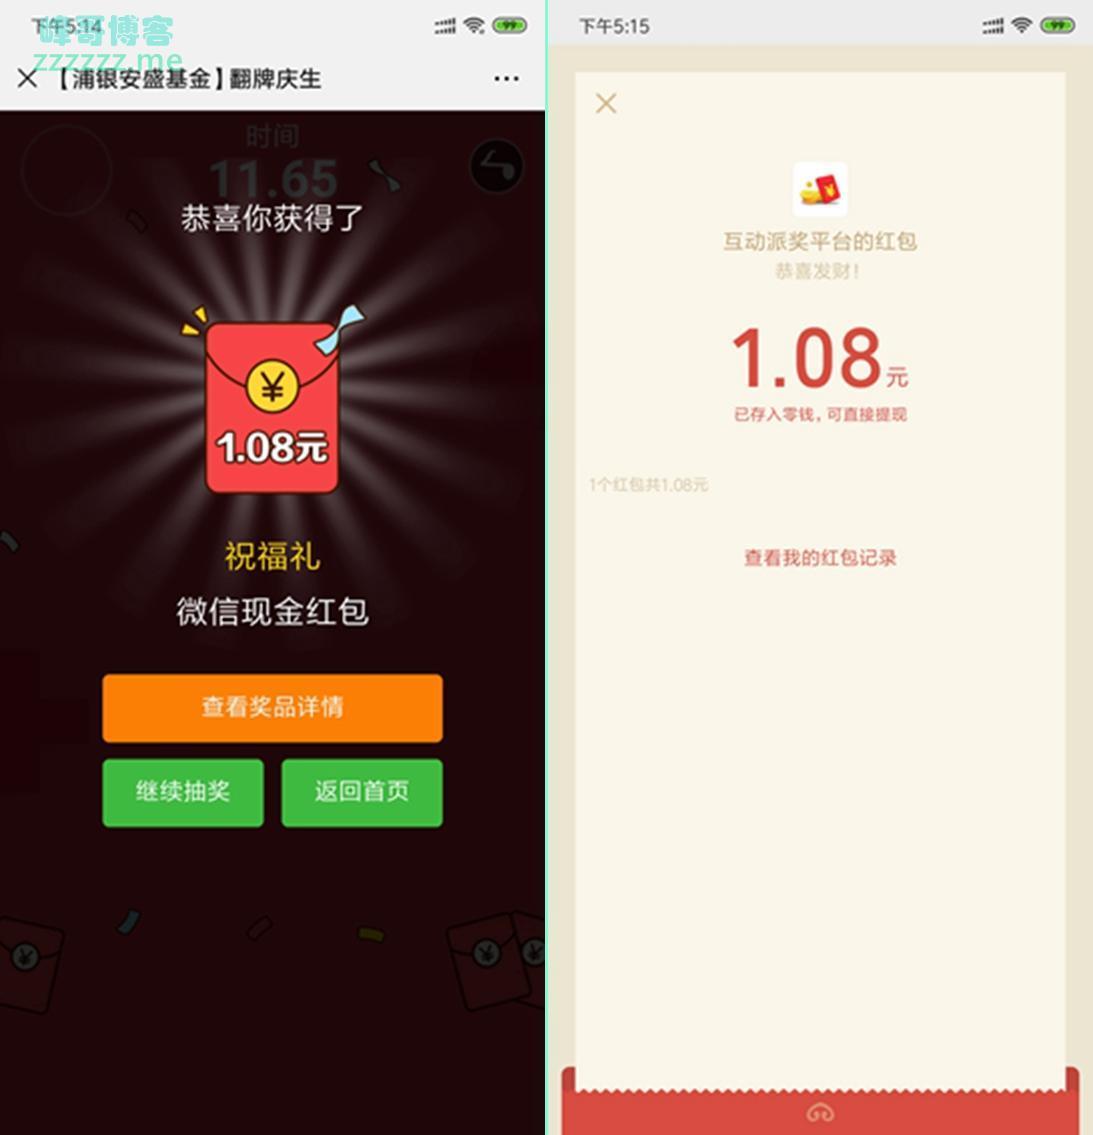 微信浦银安盛基金12周年预热活动 简单游戏领1.08红包